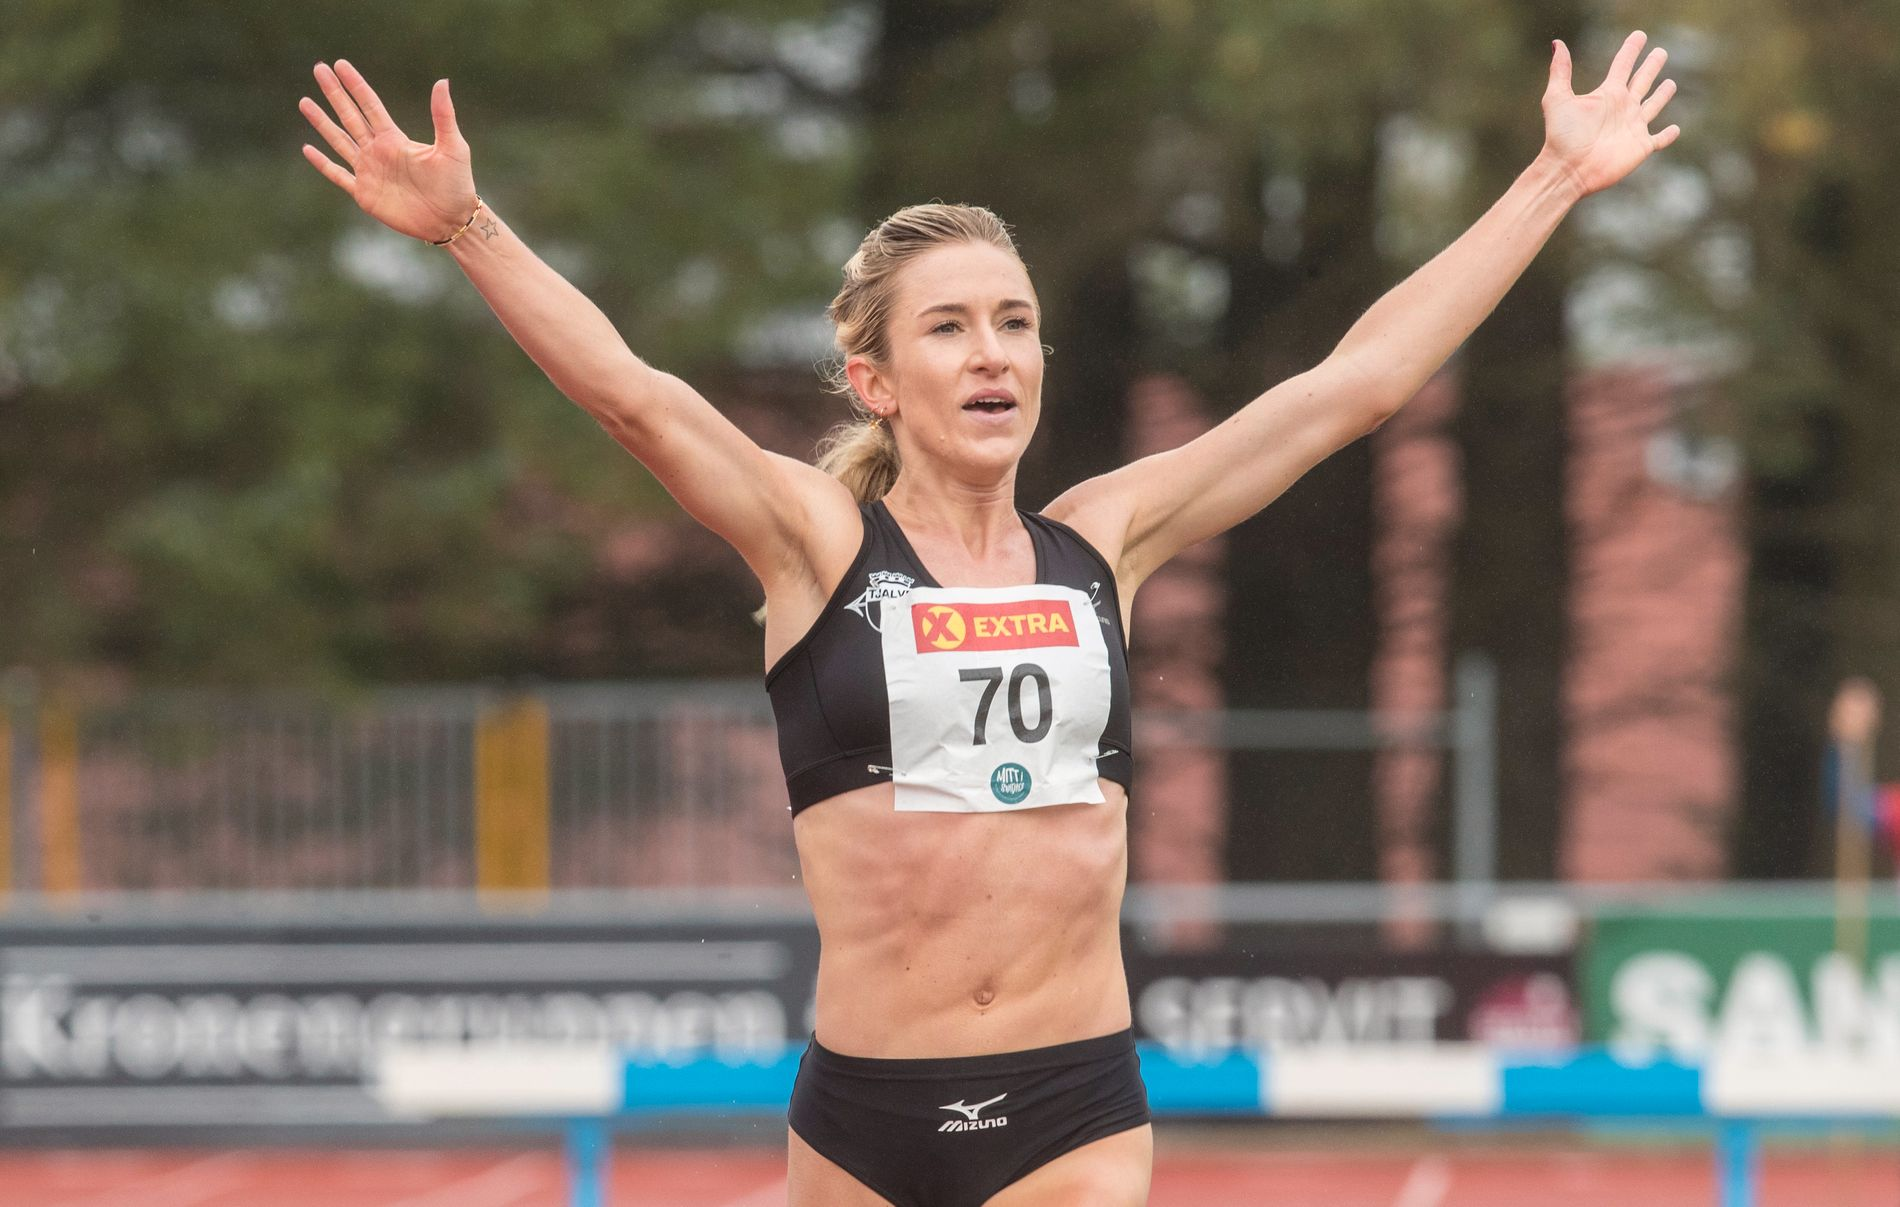 NM-GULL: Karoline Bjerkeli Grøvdal strekker armene i været idet hun passerer mållinjen etter gulløpet på 3000 meter hinder i Sandnes den 26. august i år.